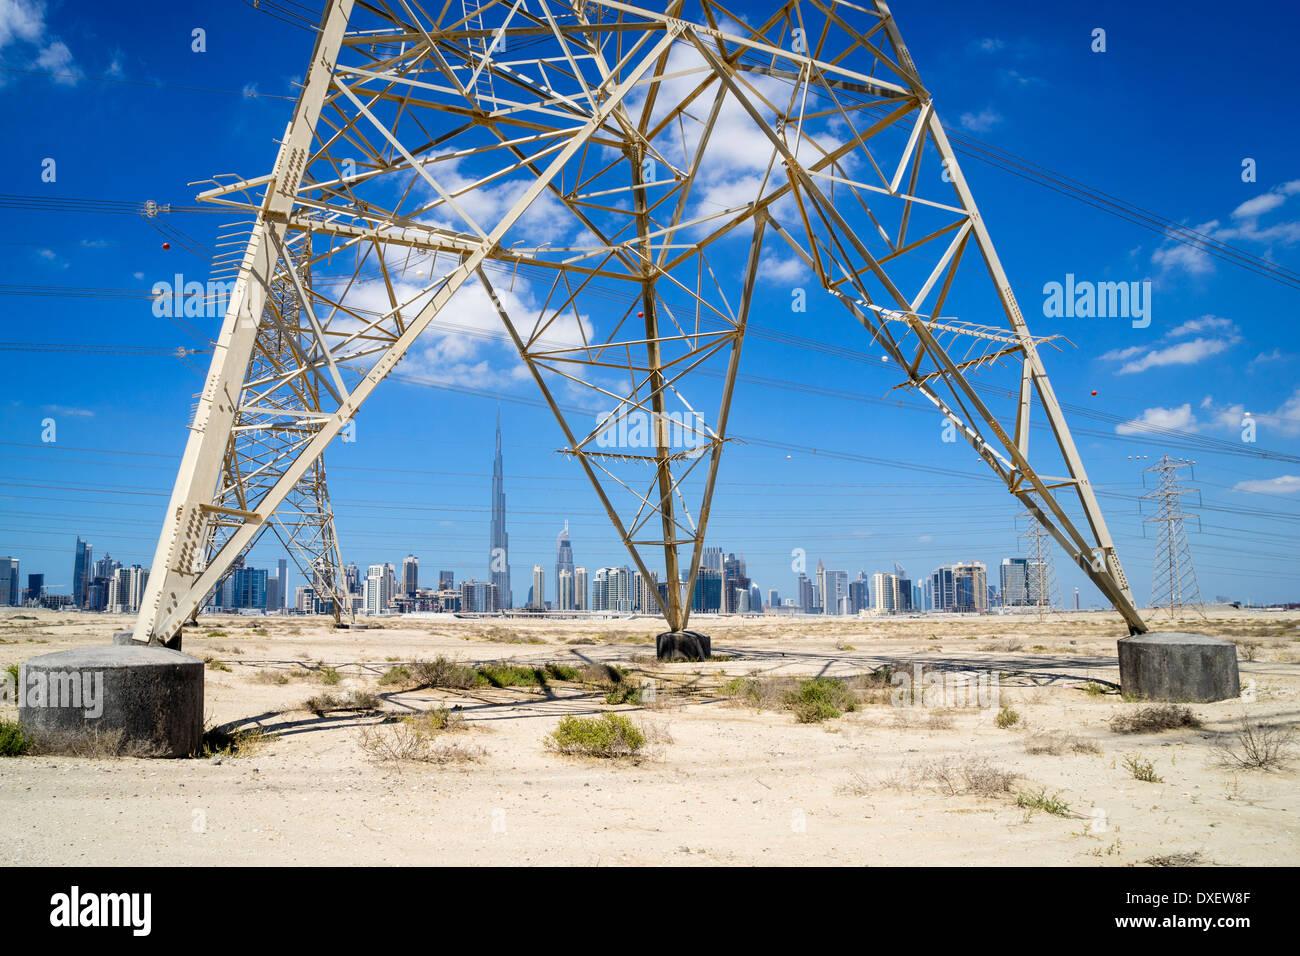 Skyline von Dubai mit Hochspannungs-Übertragung Strommasten in Vereinigte Arabische Emirate Stockbild